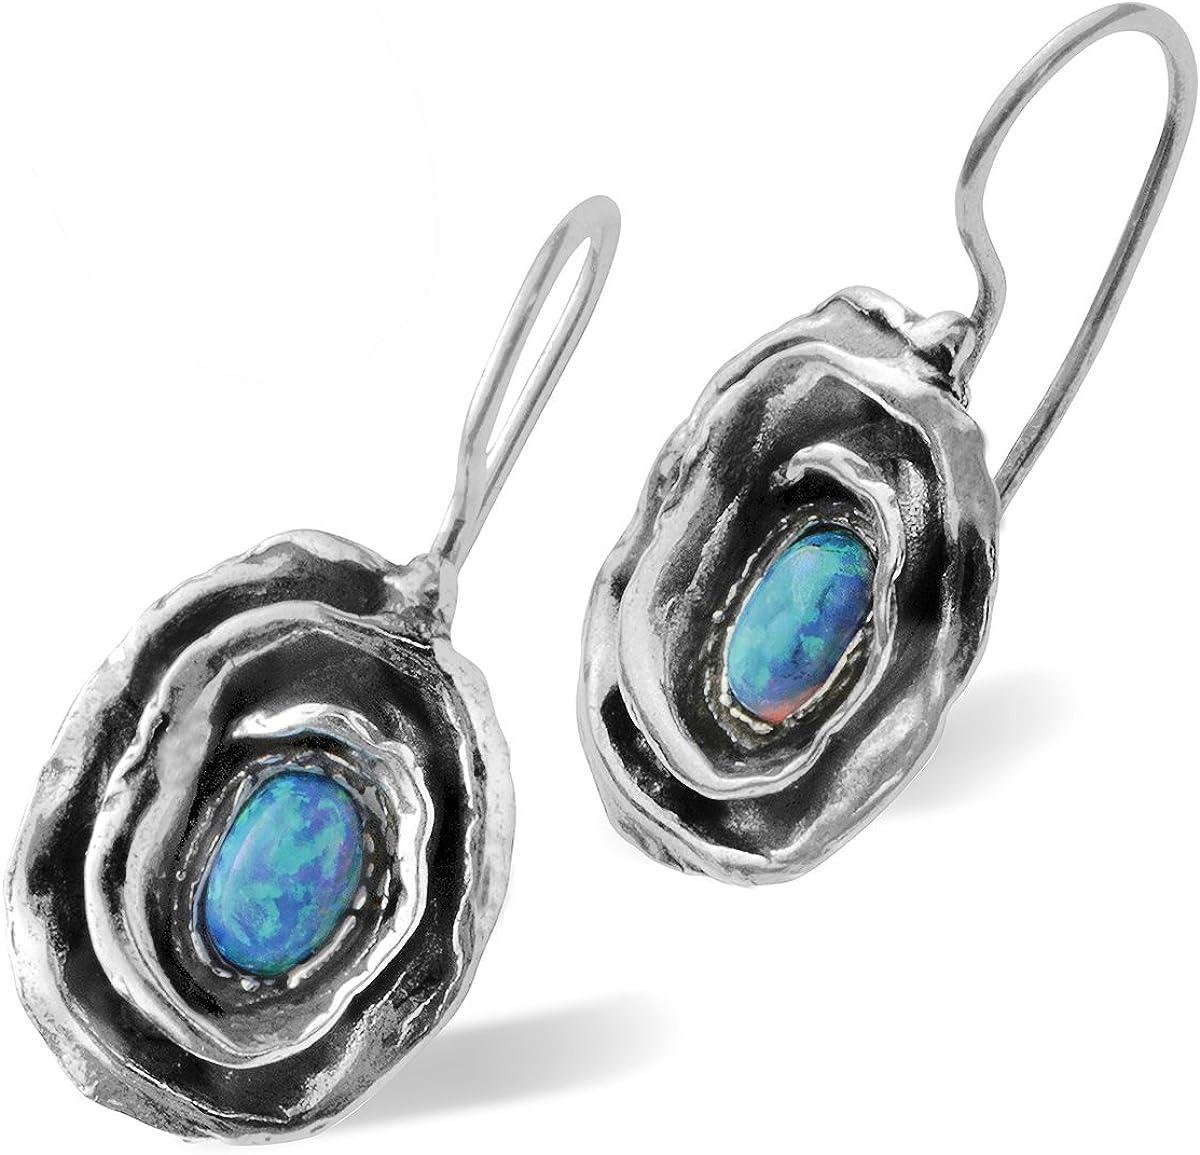 Rosa pendientes en plata de ley 925con creado azul Fire y Ópalo alambre y gancho seguro de la espalda